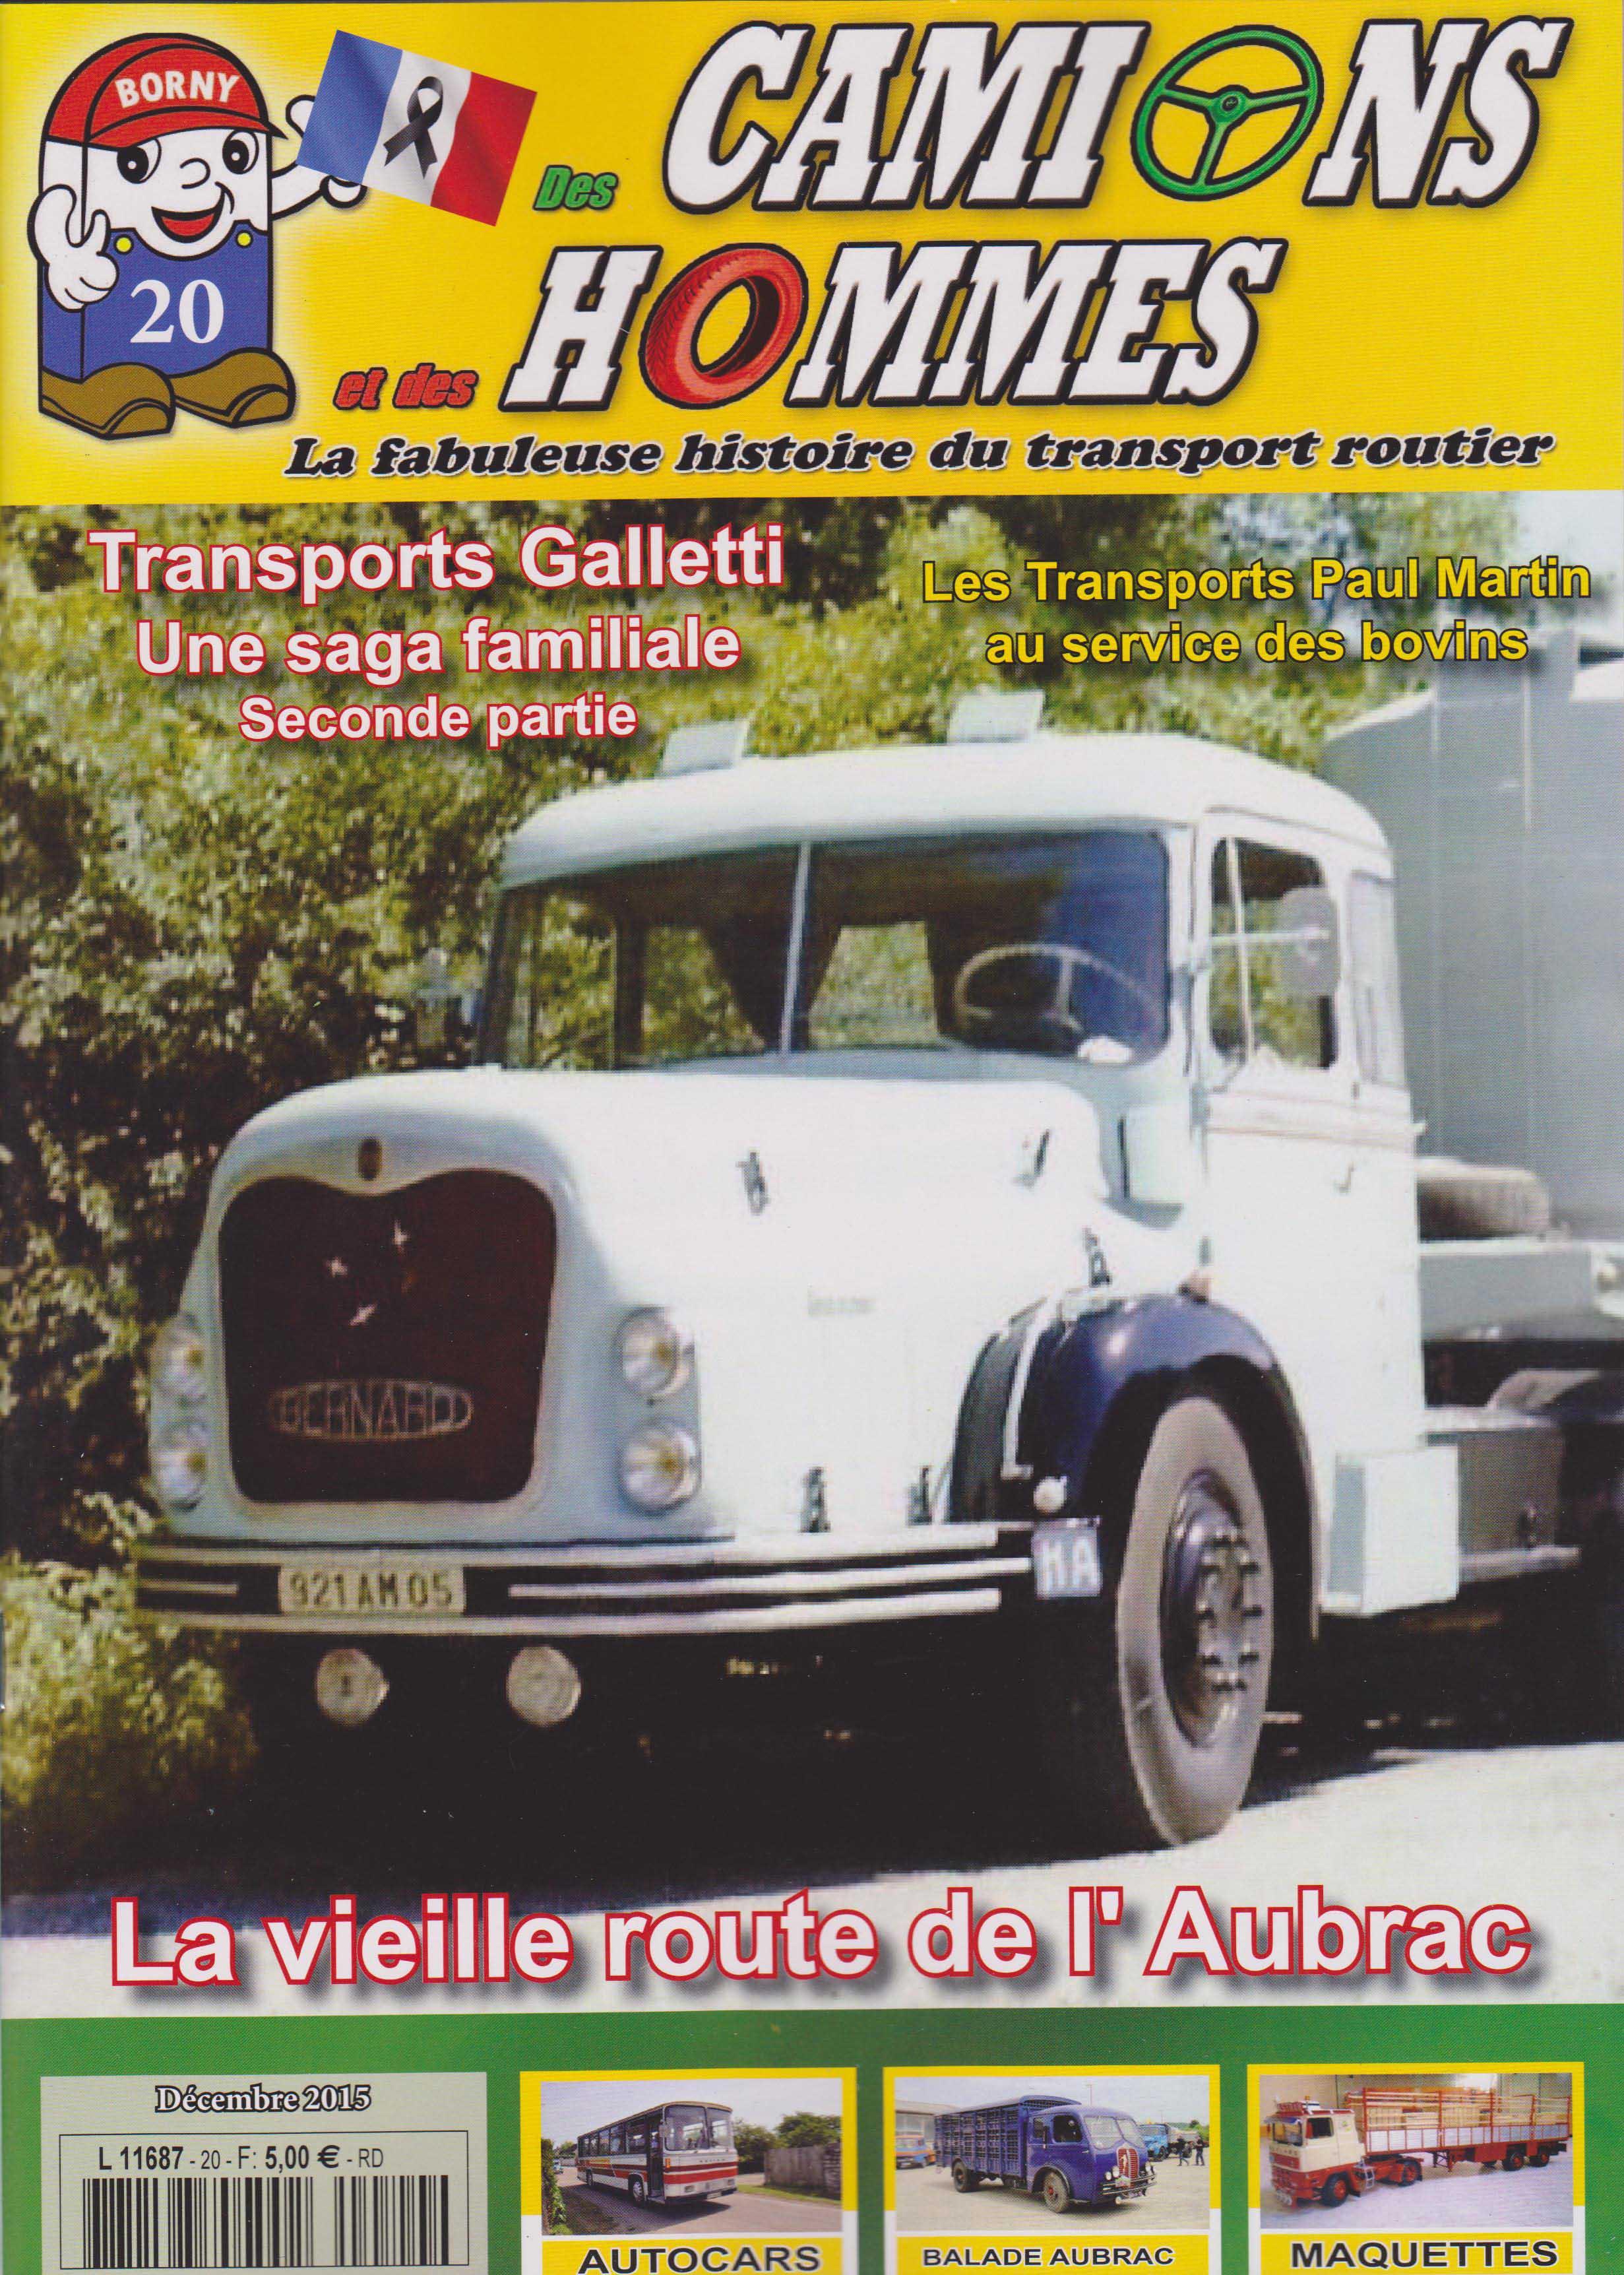 Magazine N°20 Des Camions et des Hommes (Etranger)